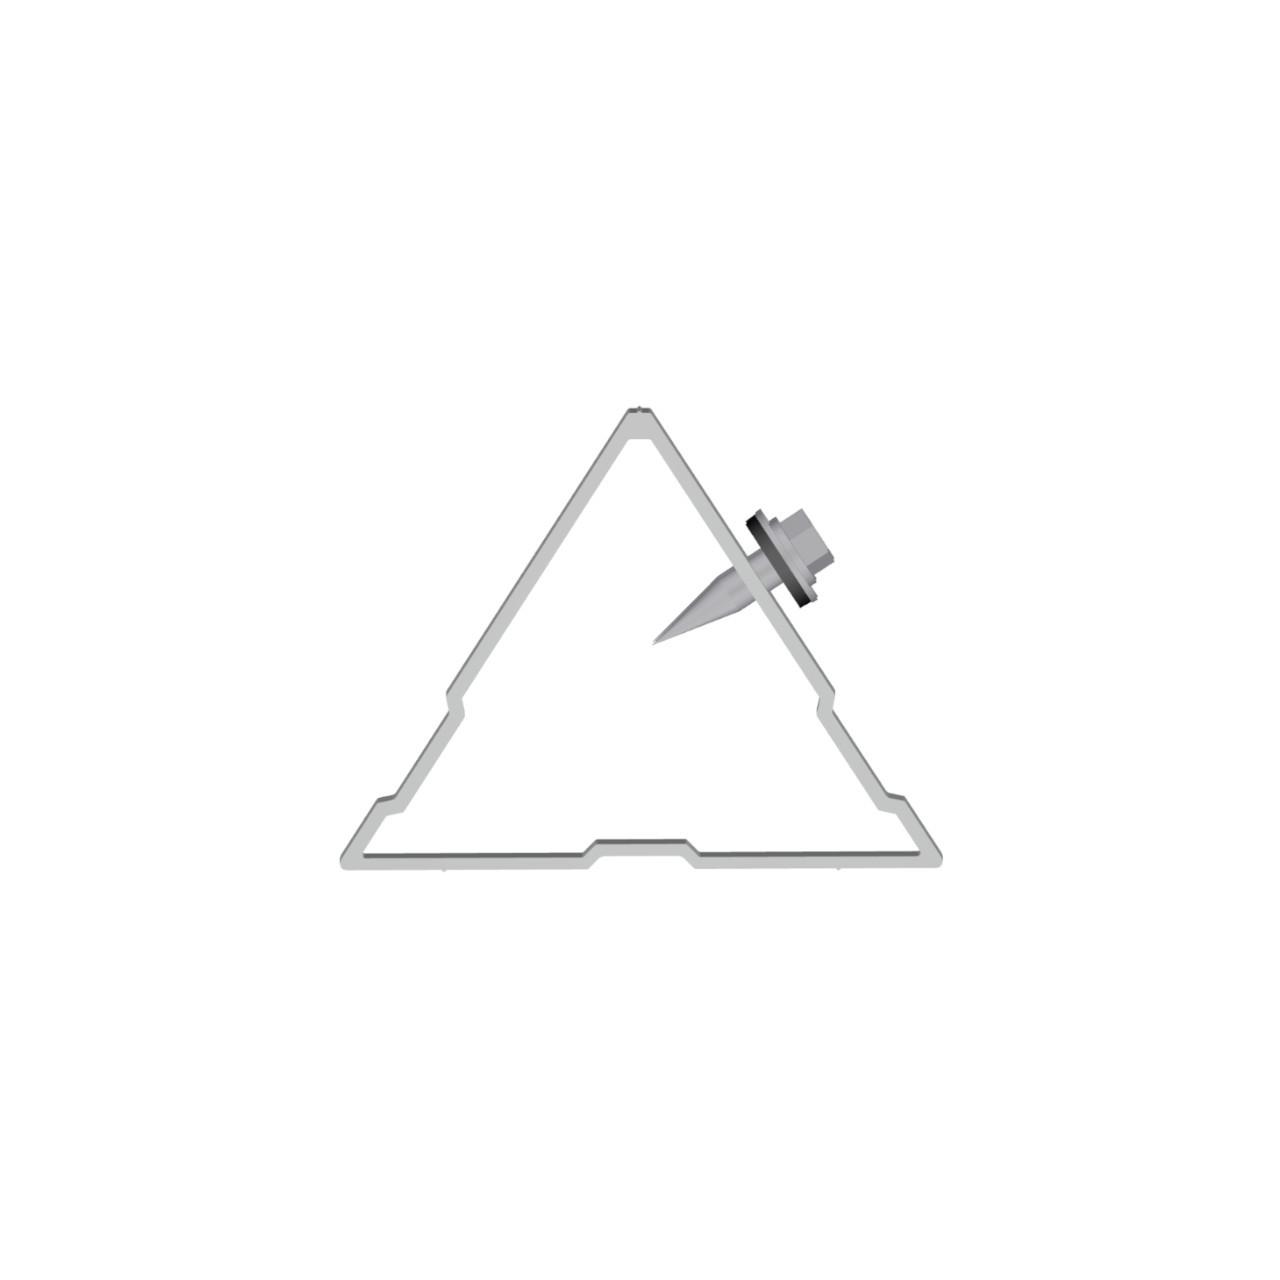 Schletter - S1.8 Splice Kit - Profile